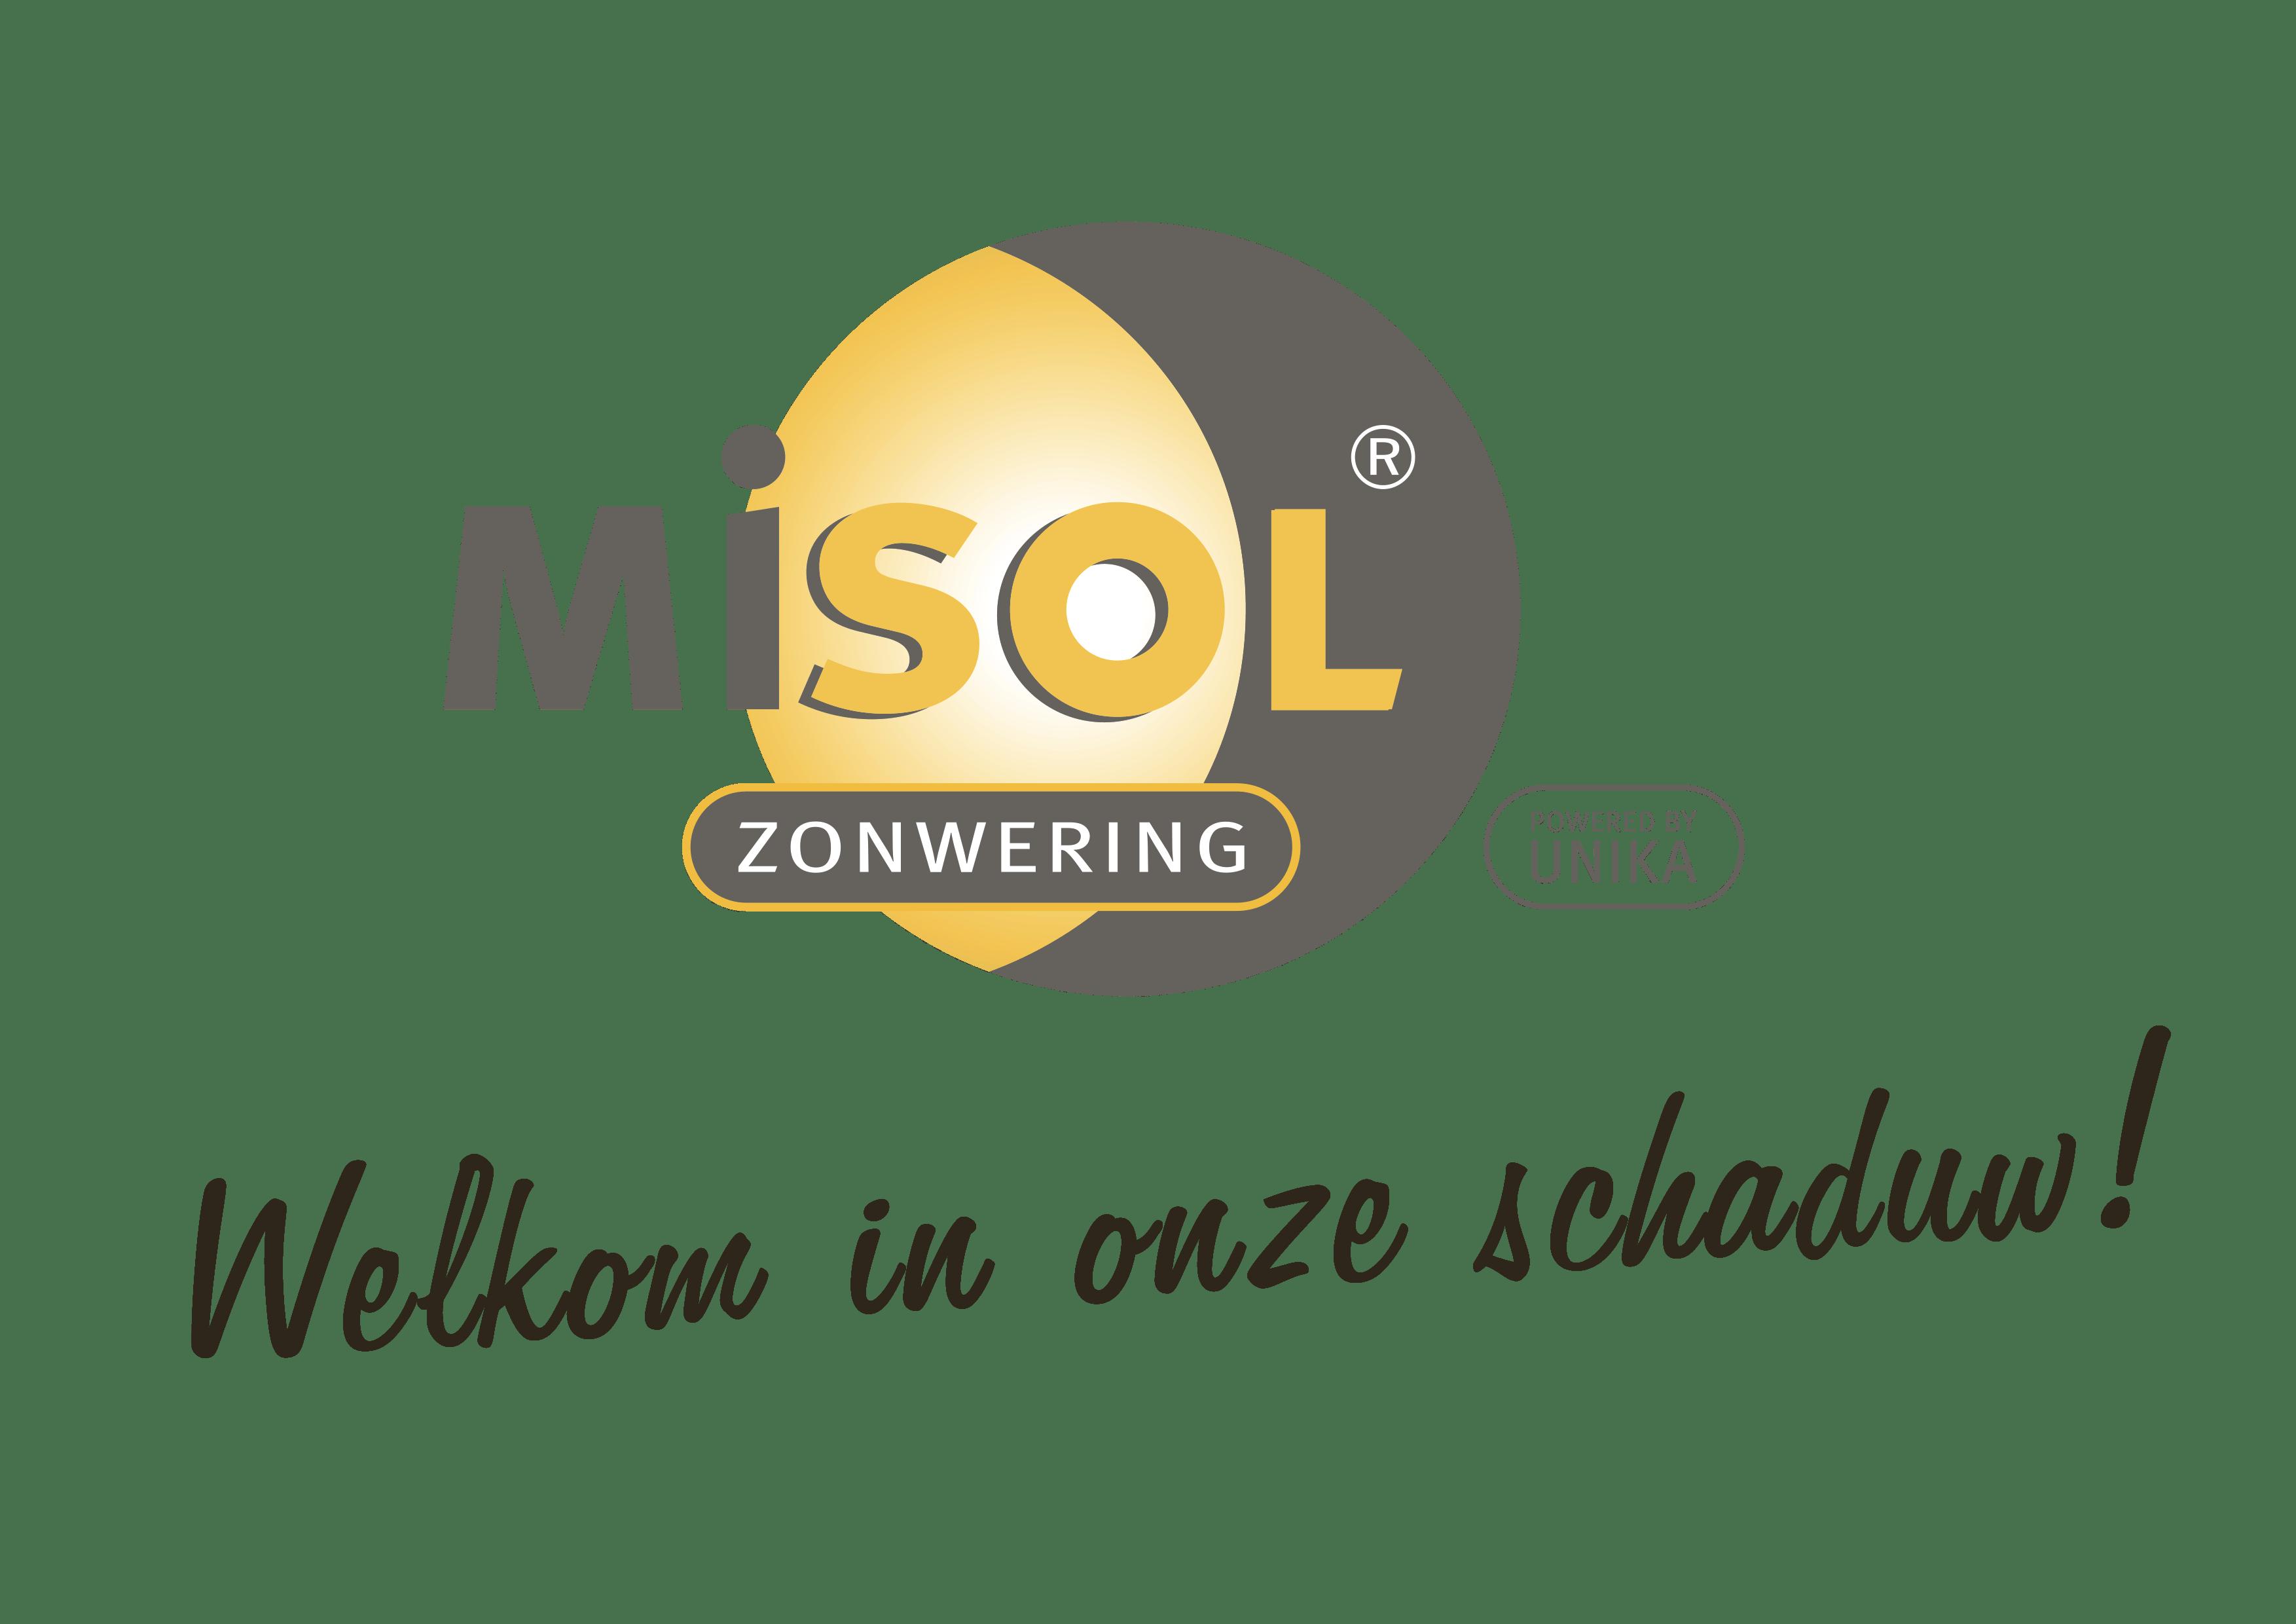 Misol Zonwering Kampen & IJsselmuiden